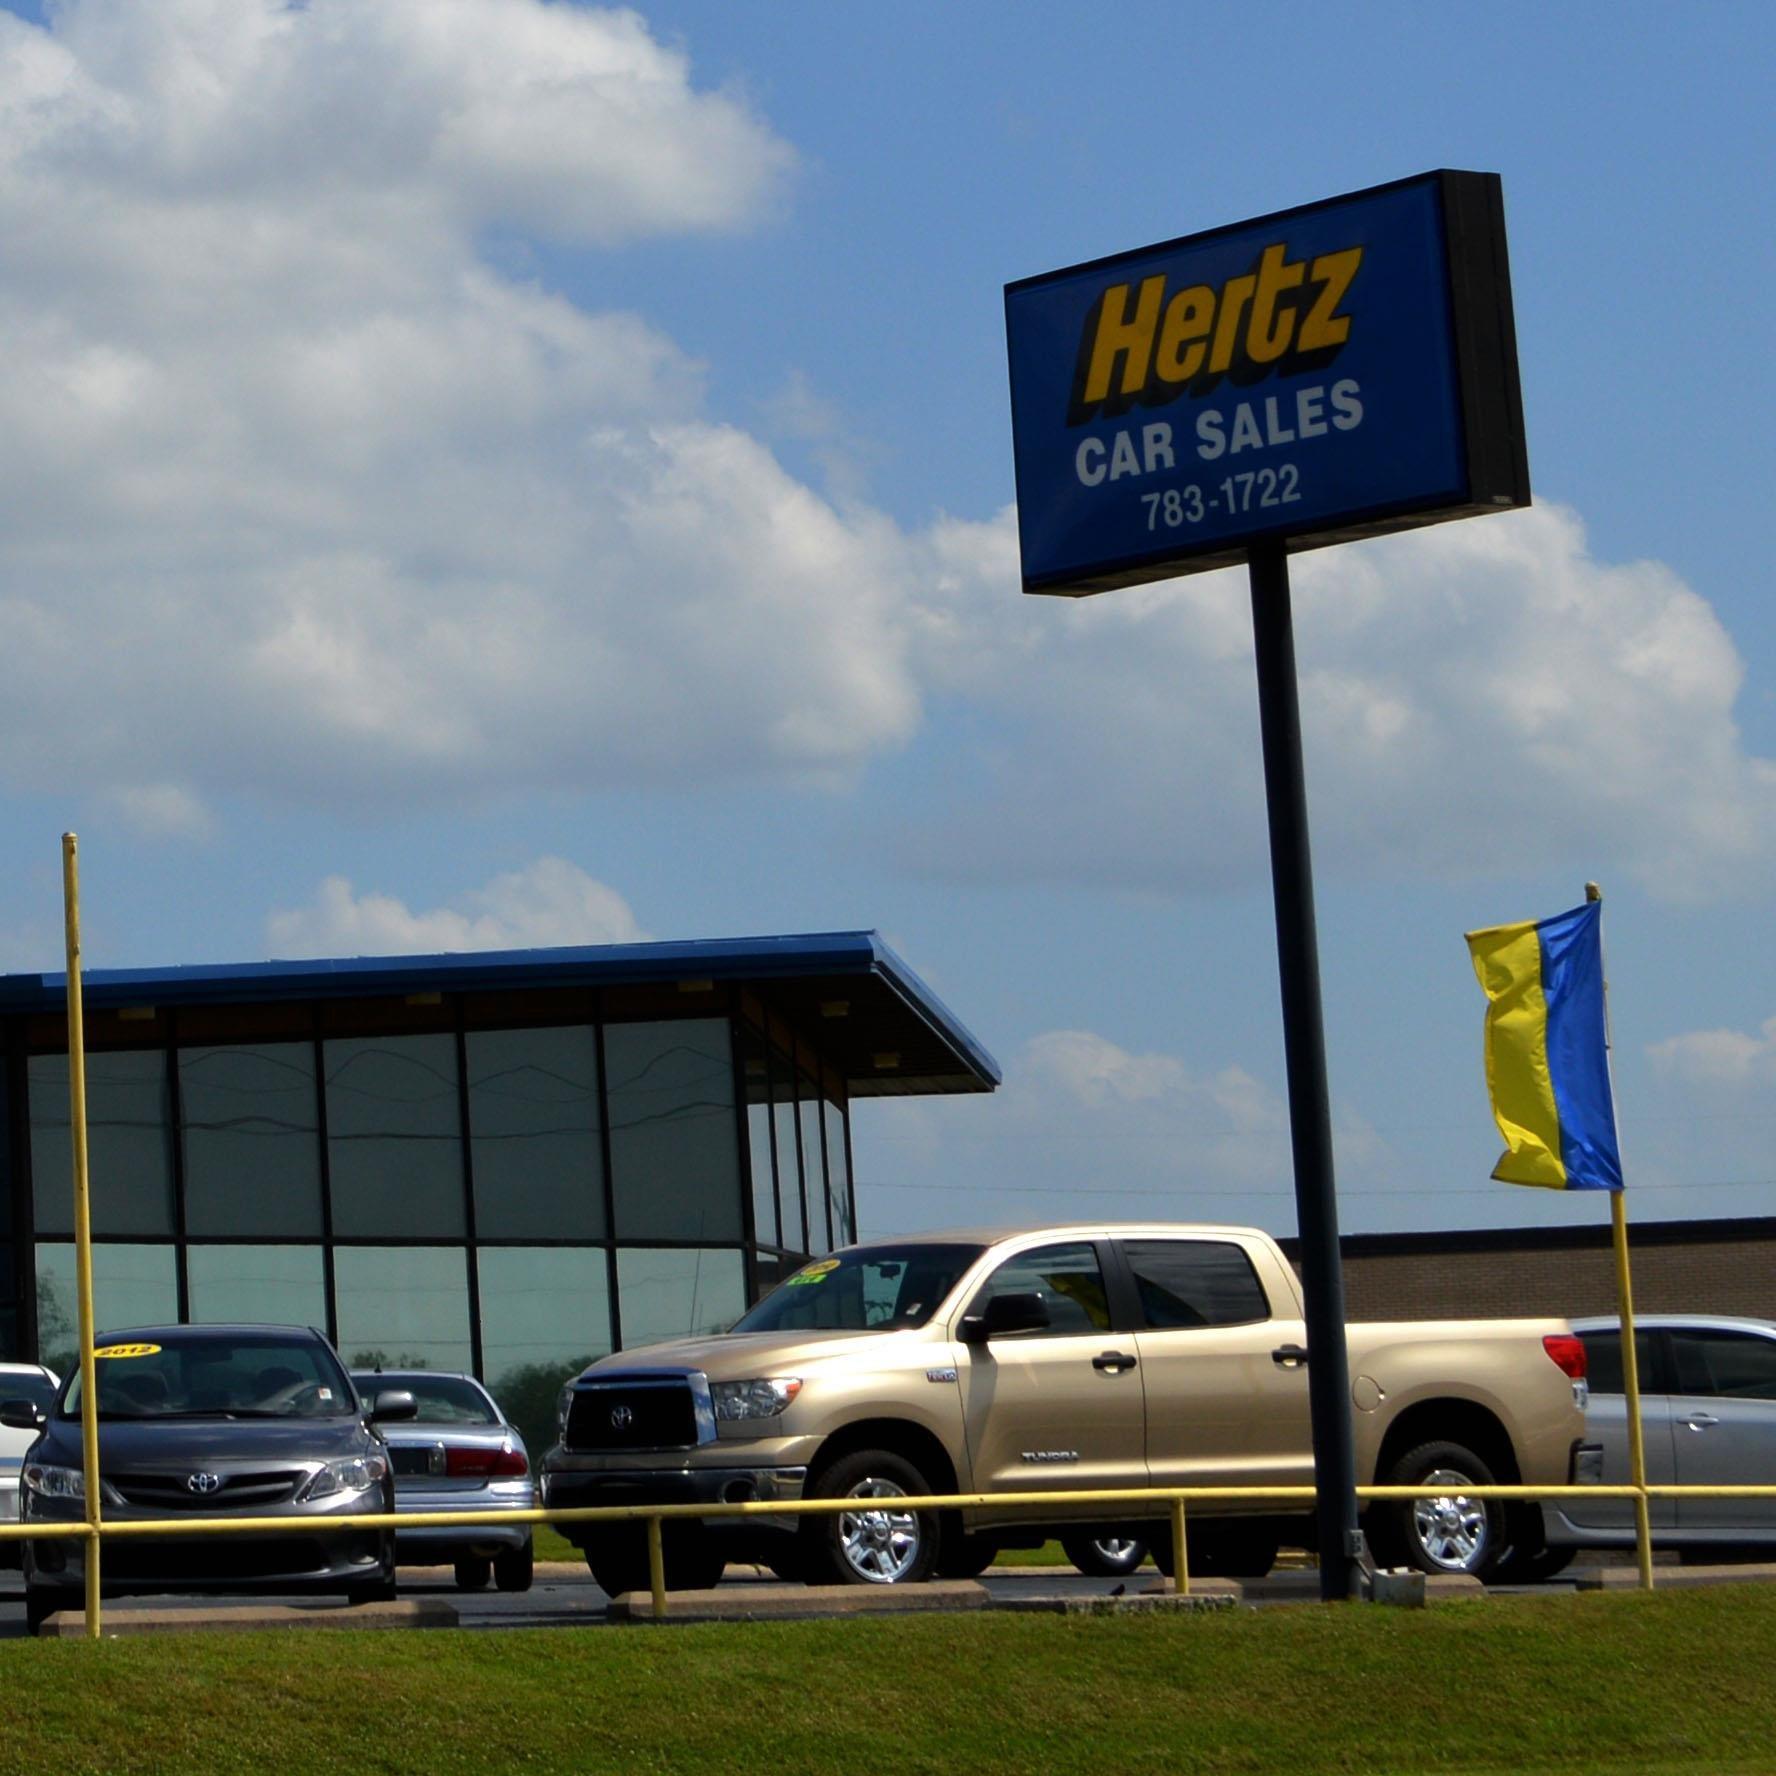 Hertz Car Sales (@BuyFromHertz)